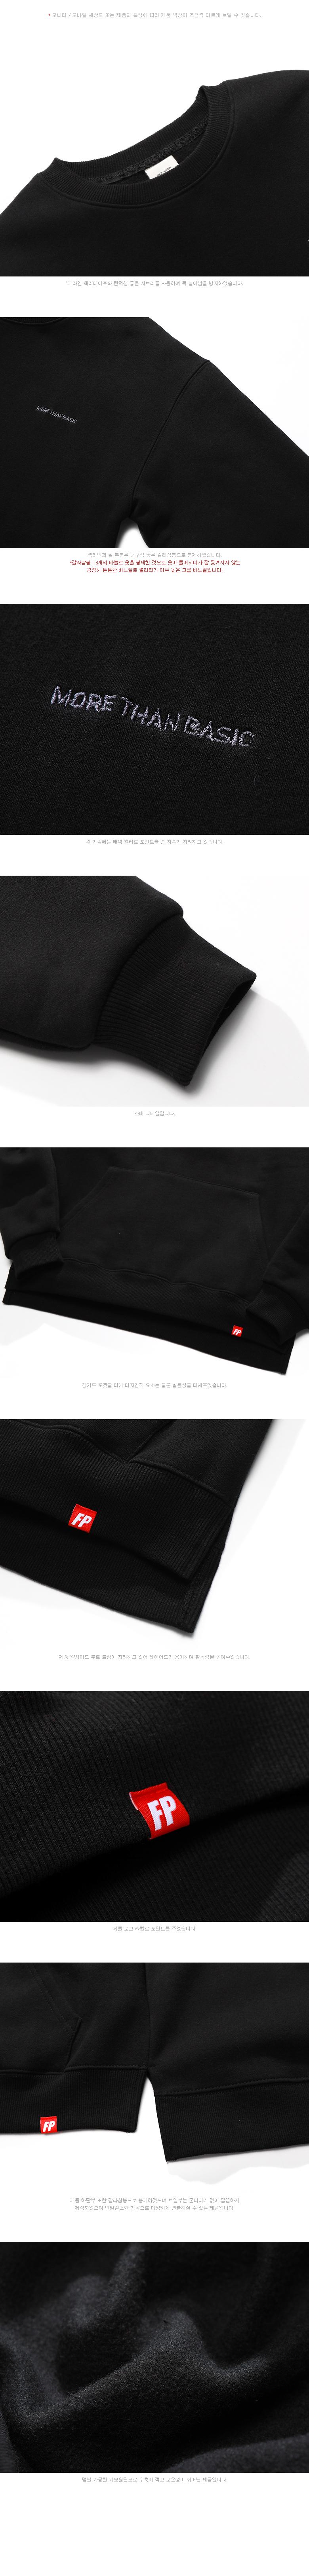 SJMT1198_detail_black_02.jpg